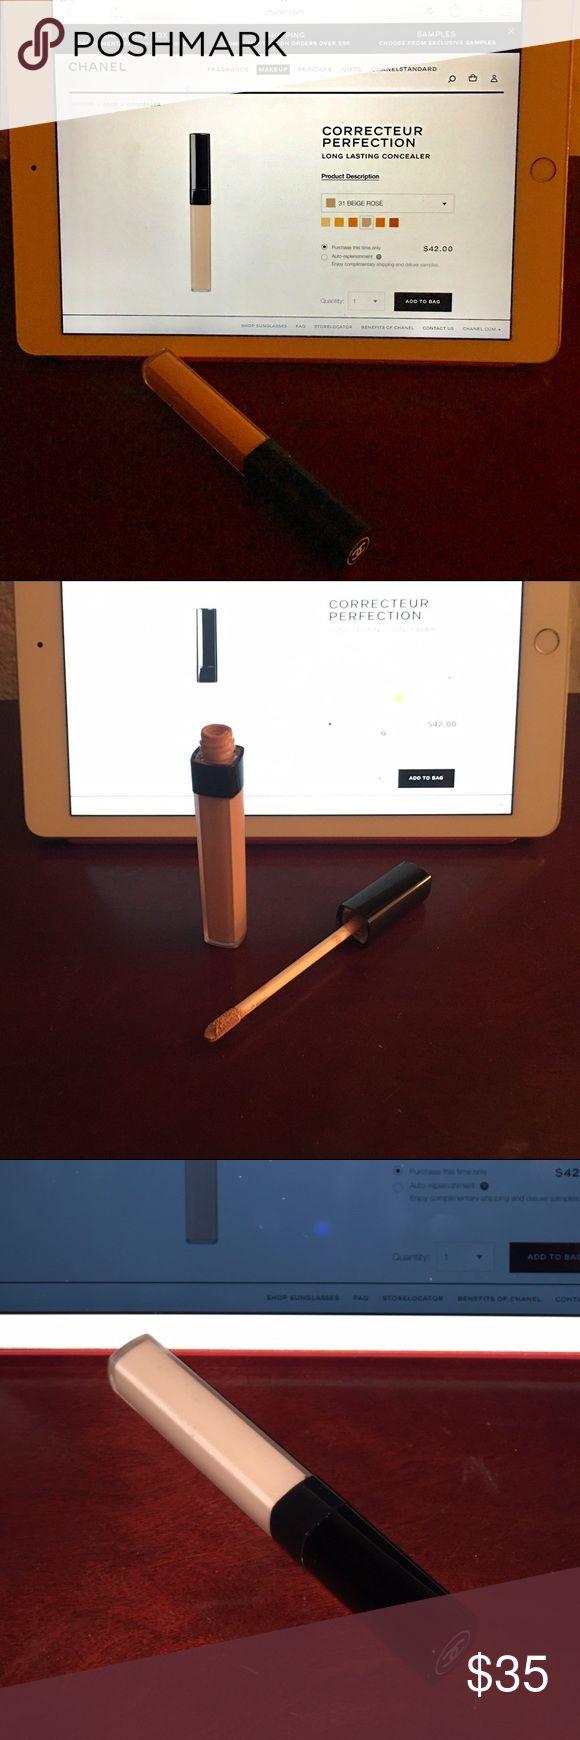 Chanel Concealer in Beige Rose Chanel Correcteur Perfection long lasting concealer in #31 beige rose CHANEL Makeup Concealer